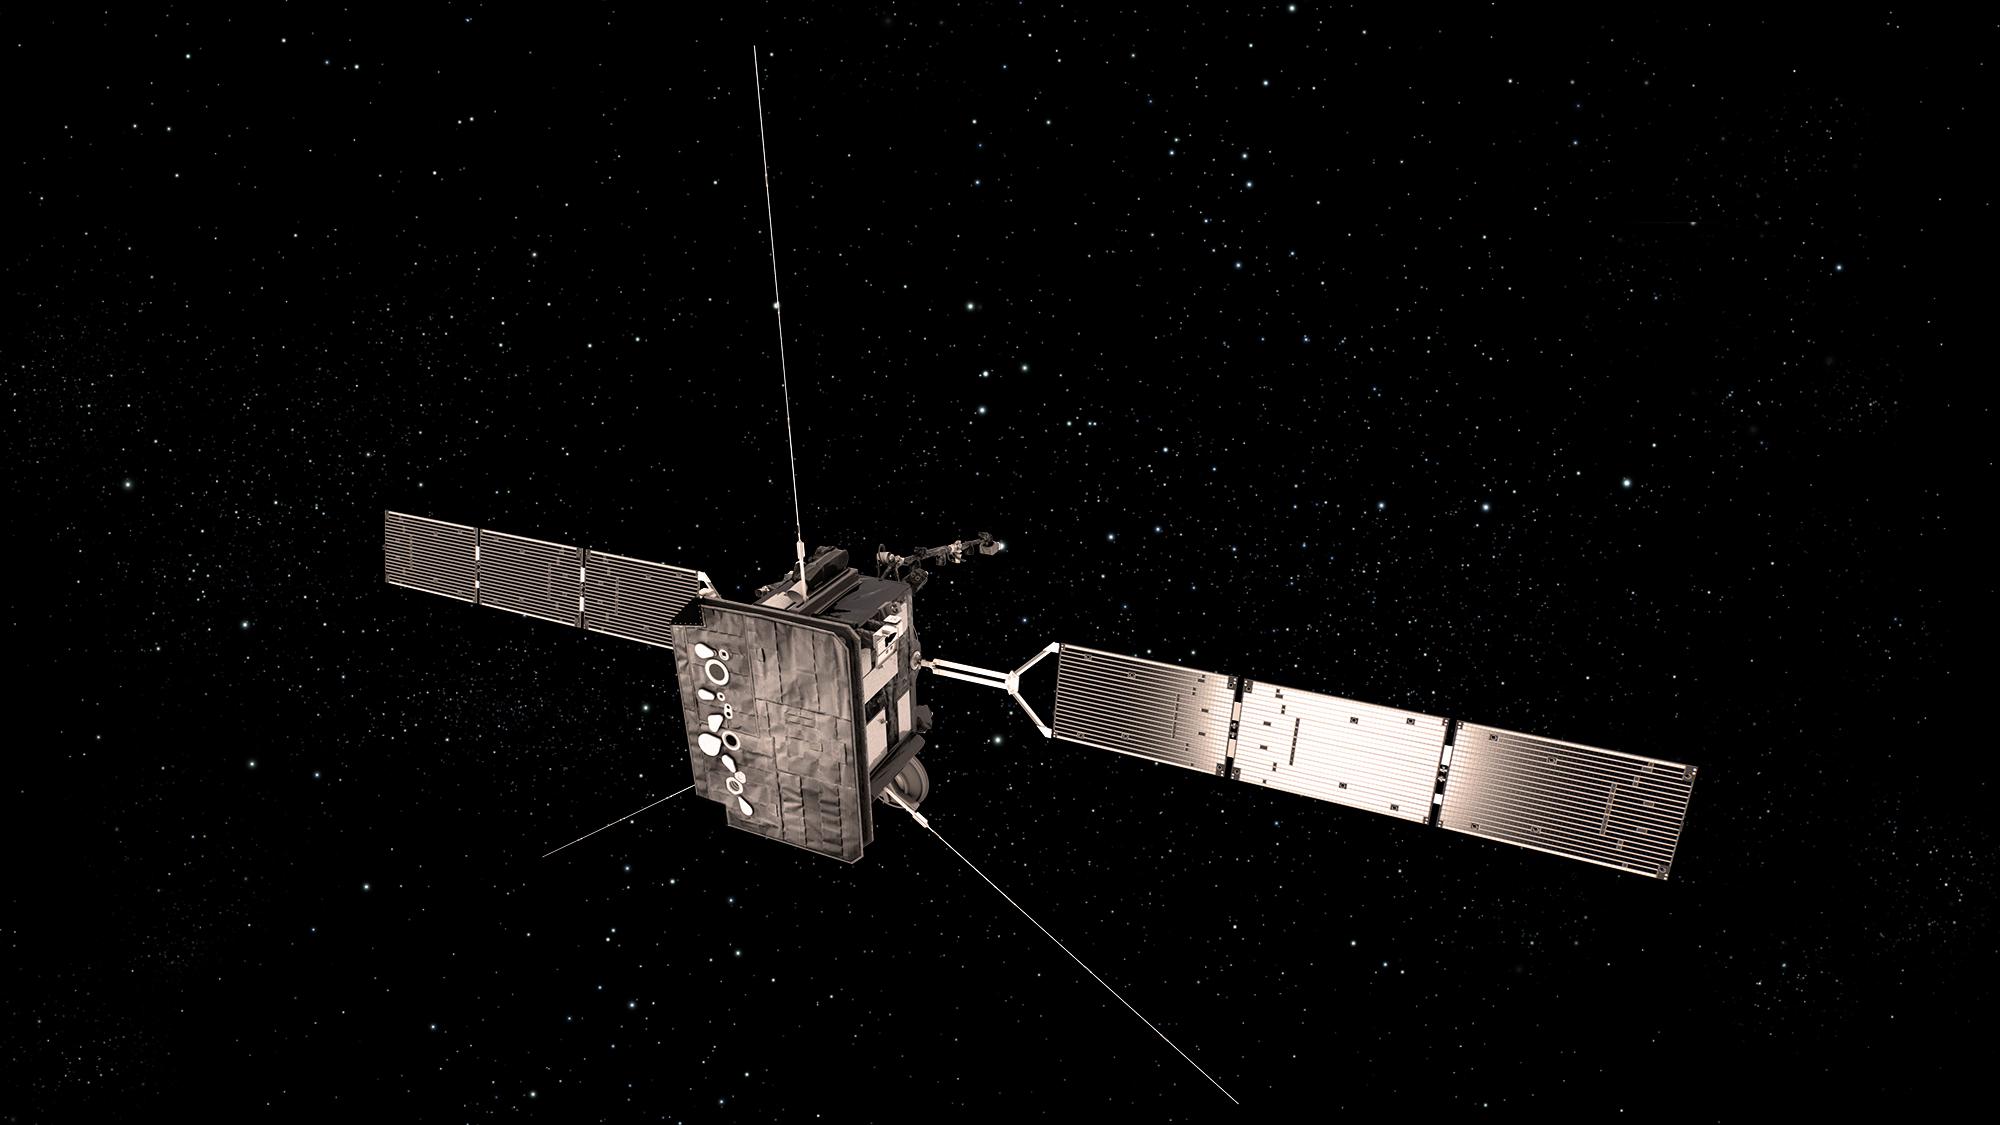 1567215709674-SolarOrbiter_spacecraft_warm_2000.jpg